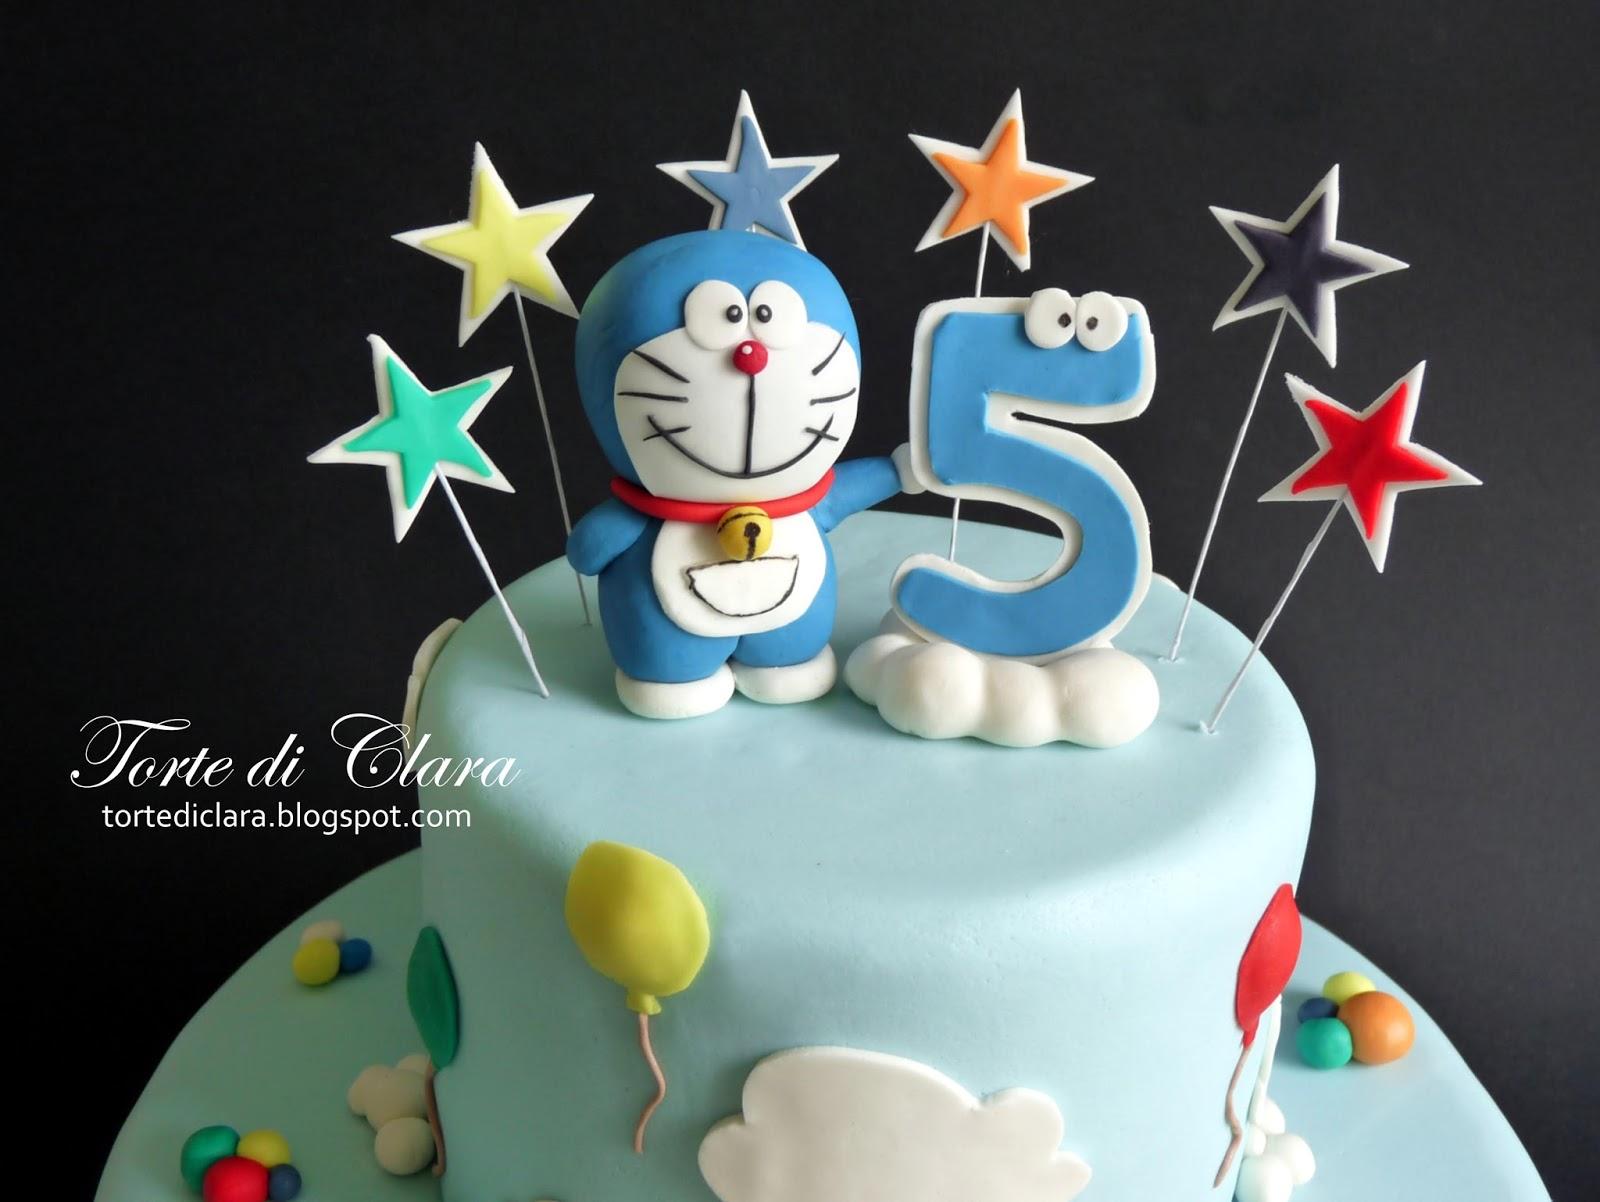 Doraemon Images For Cake : Torte di Clara: Doraemon cake